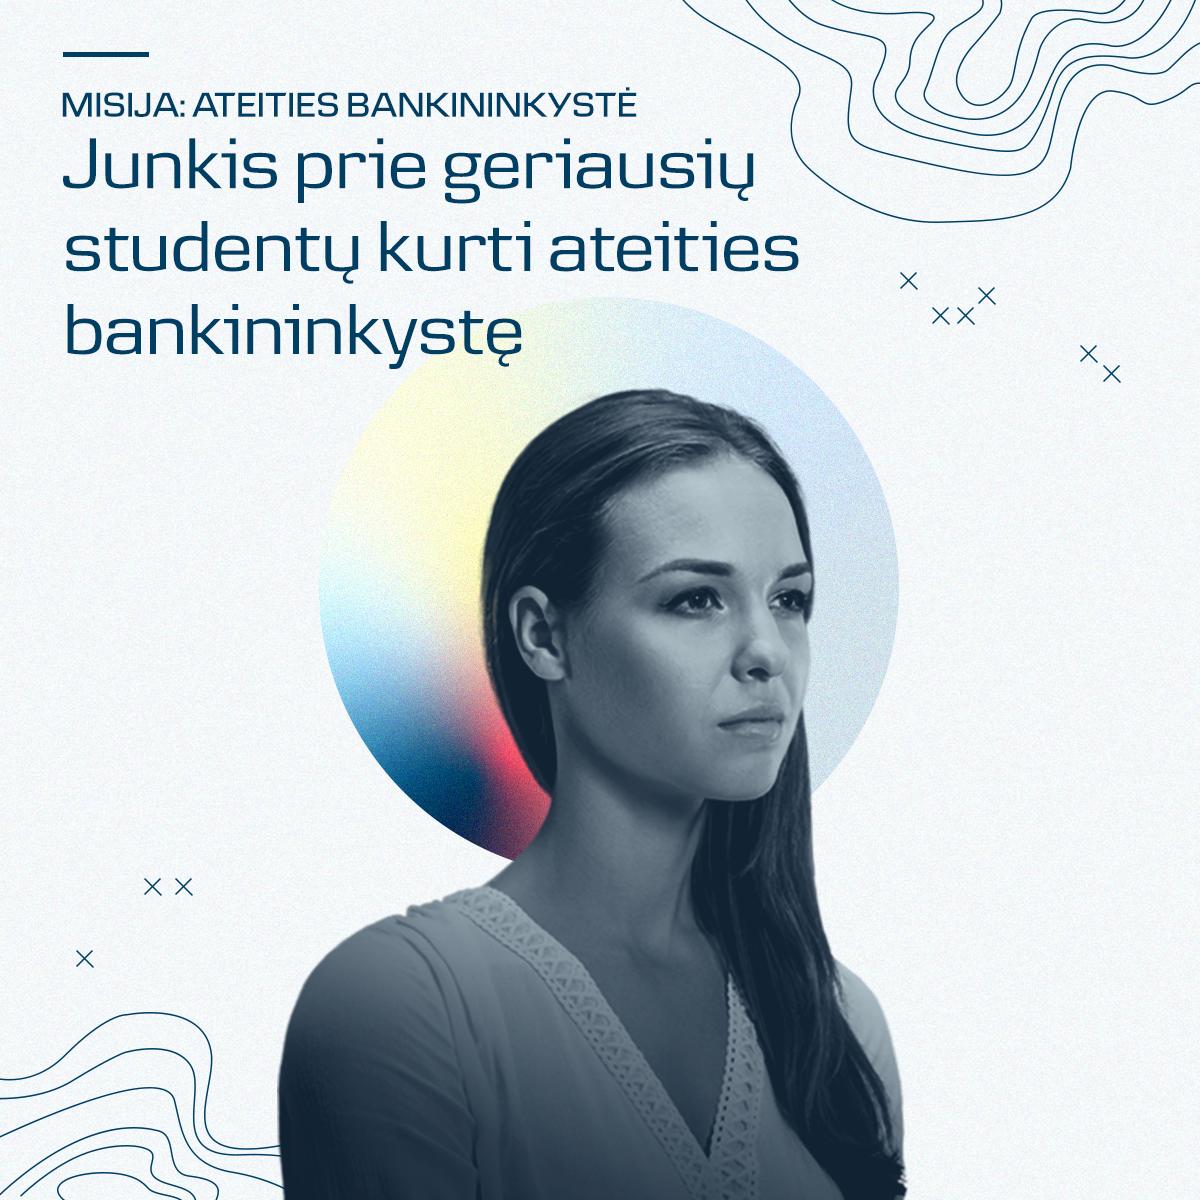 Ateities bankininkystei kurti ieškoma geriausių Šiaurės Europos magistrantų – galimybę turi ir 3 lietuviai